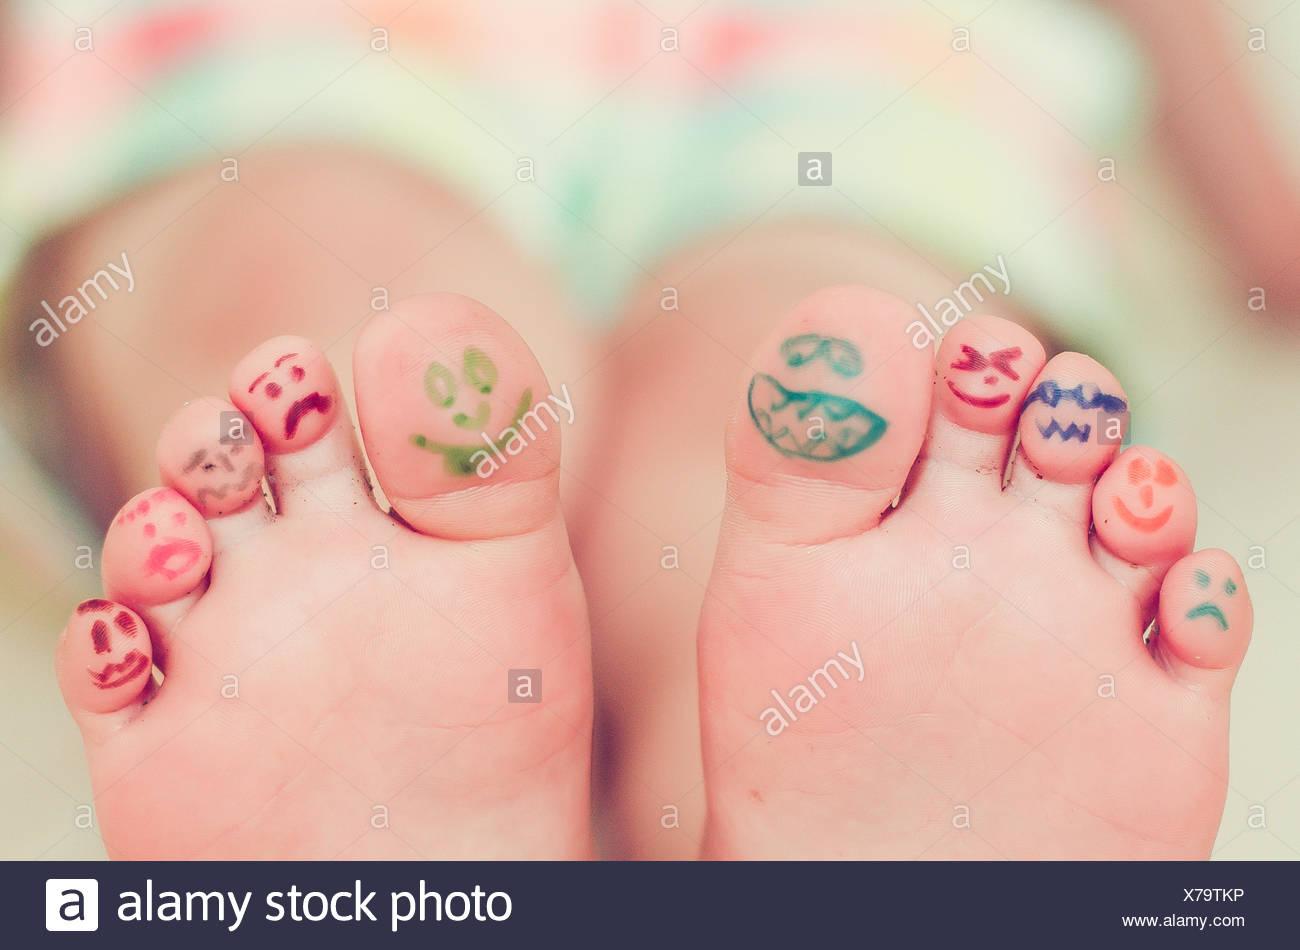 Mädchen Füße mit Smiley-Gesicht-Zeichnungen Stockbild